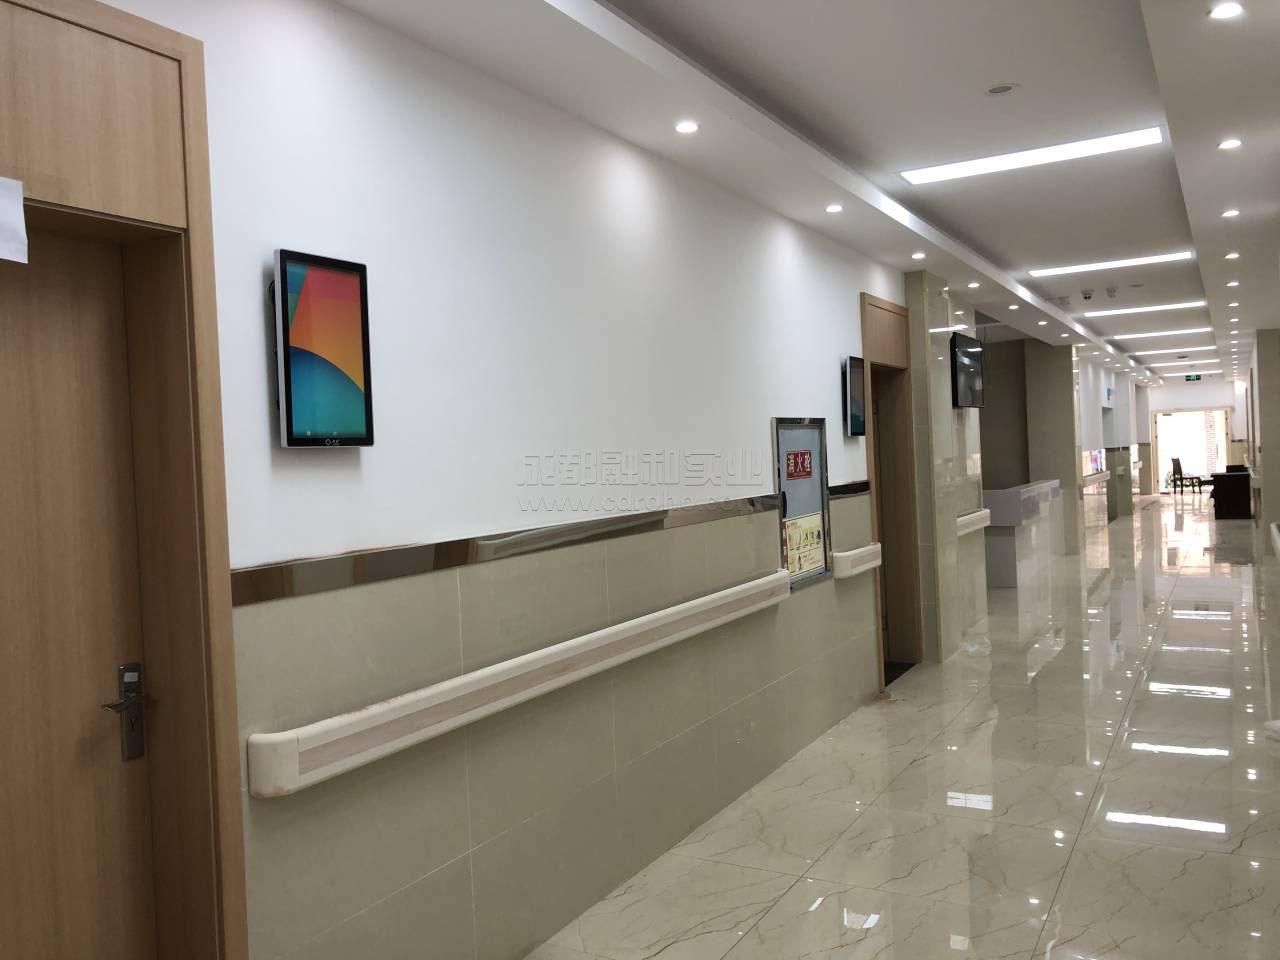 智慧卫生服务中心门诊排队系统竖屏显示